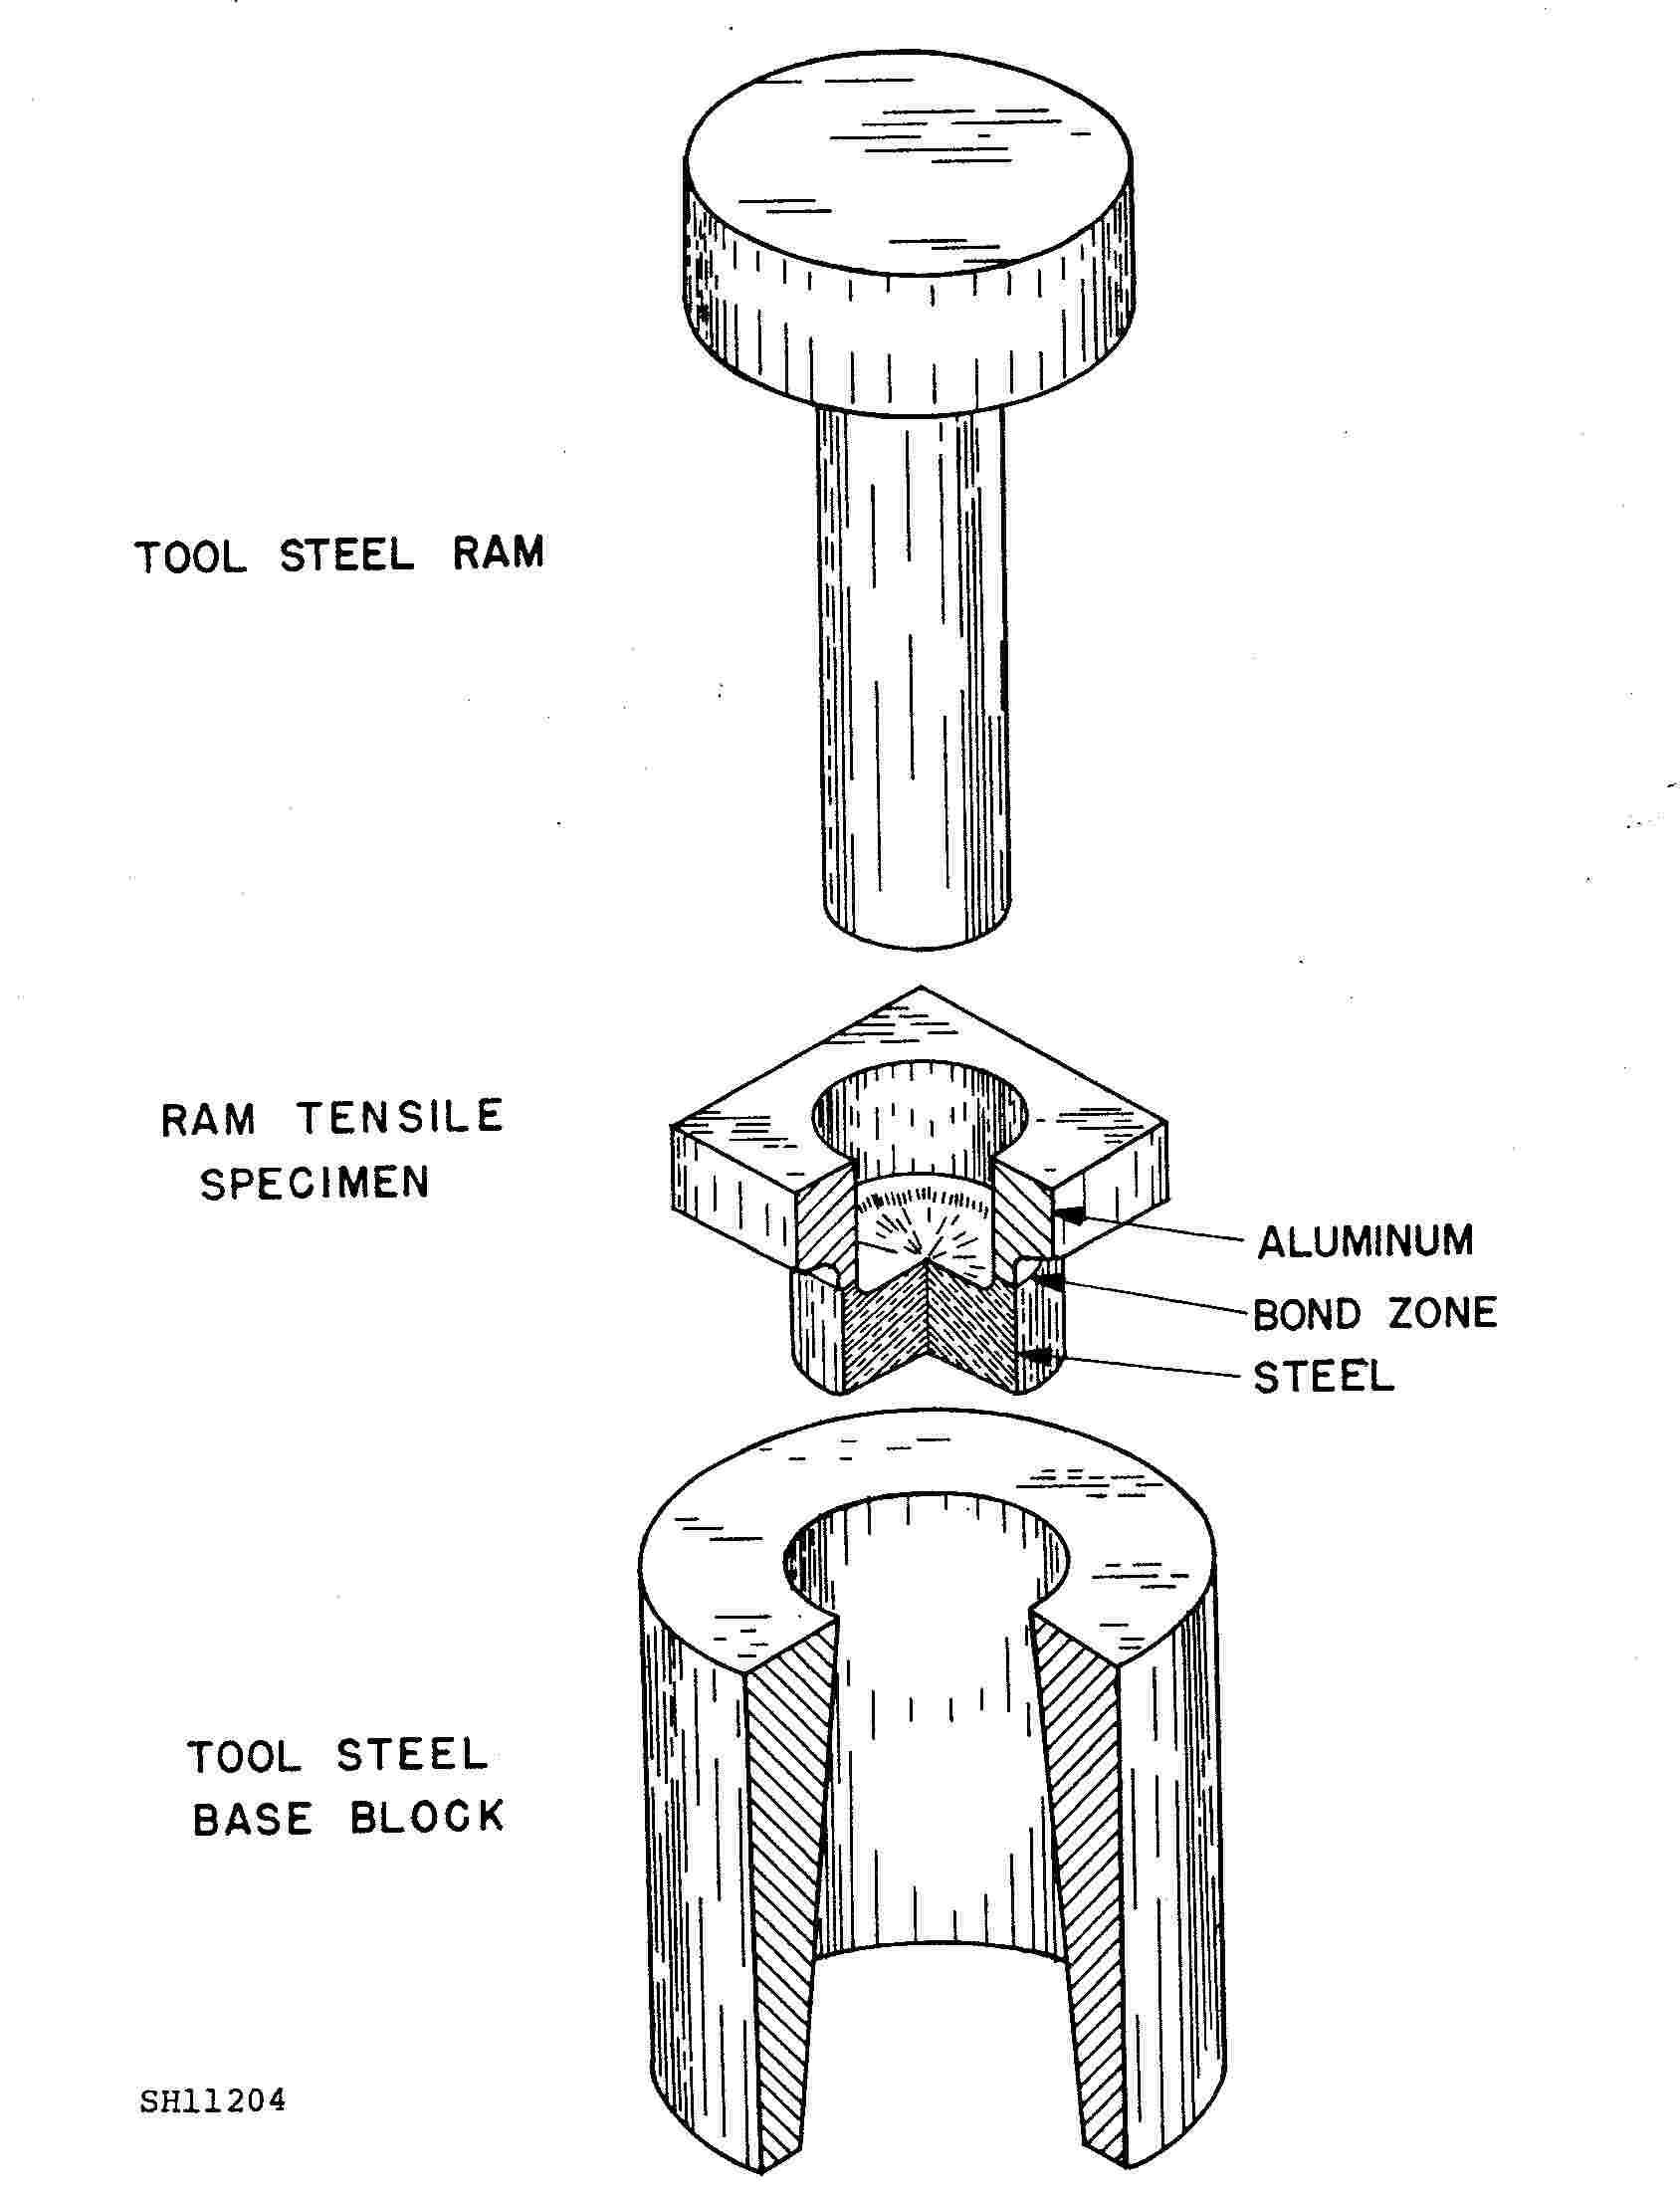 Basic Hydraulic System Diagram Understanding Hydraulic Symbols